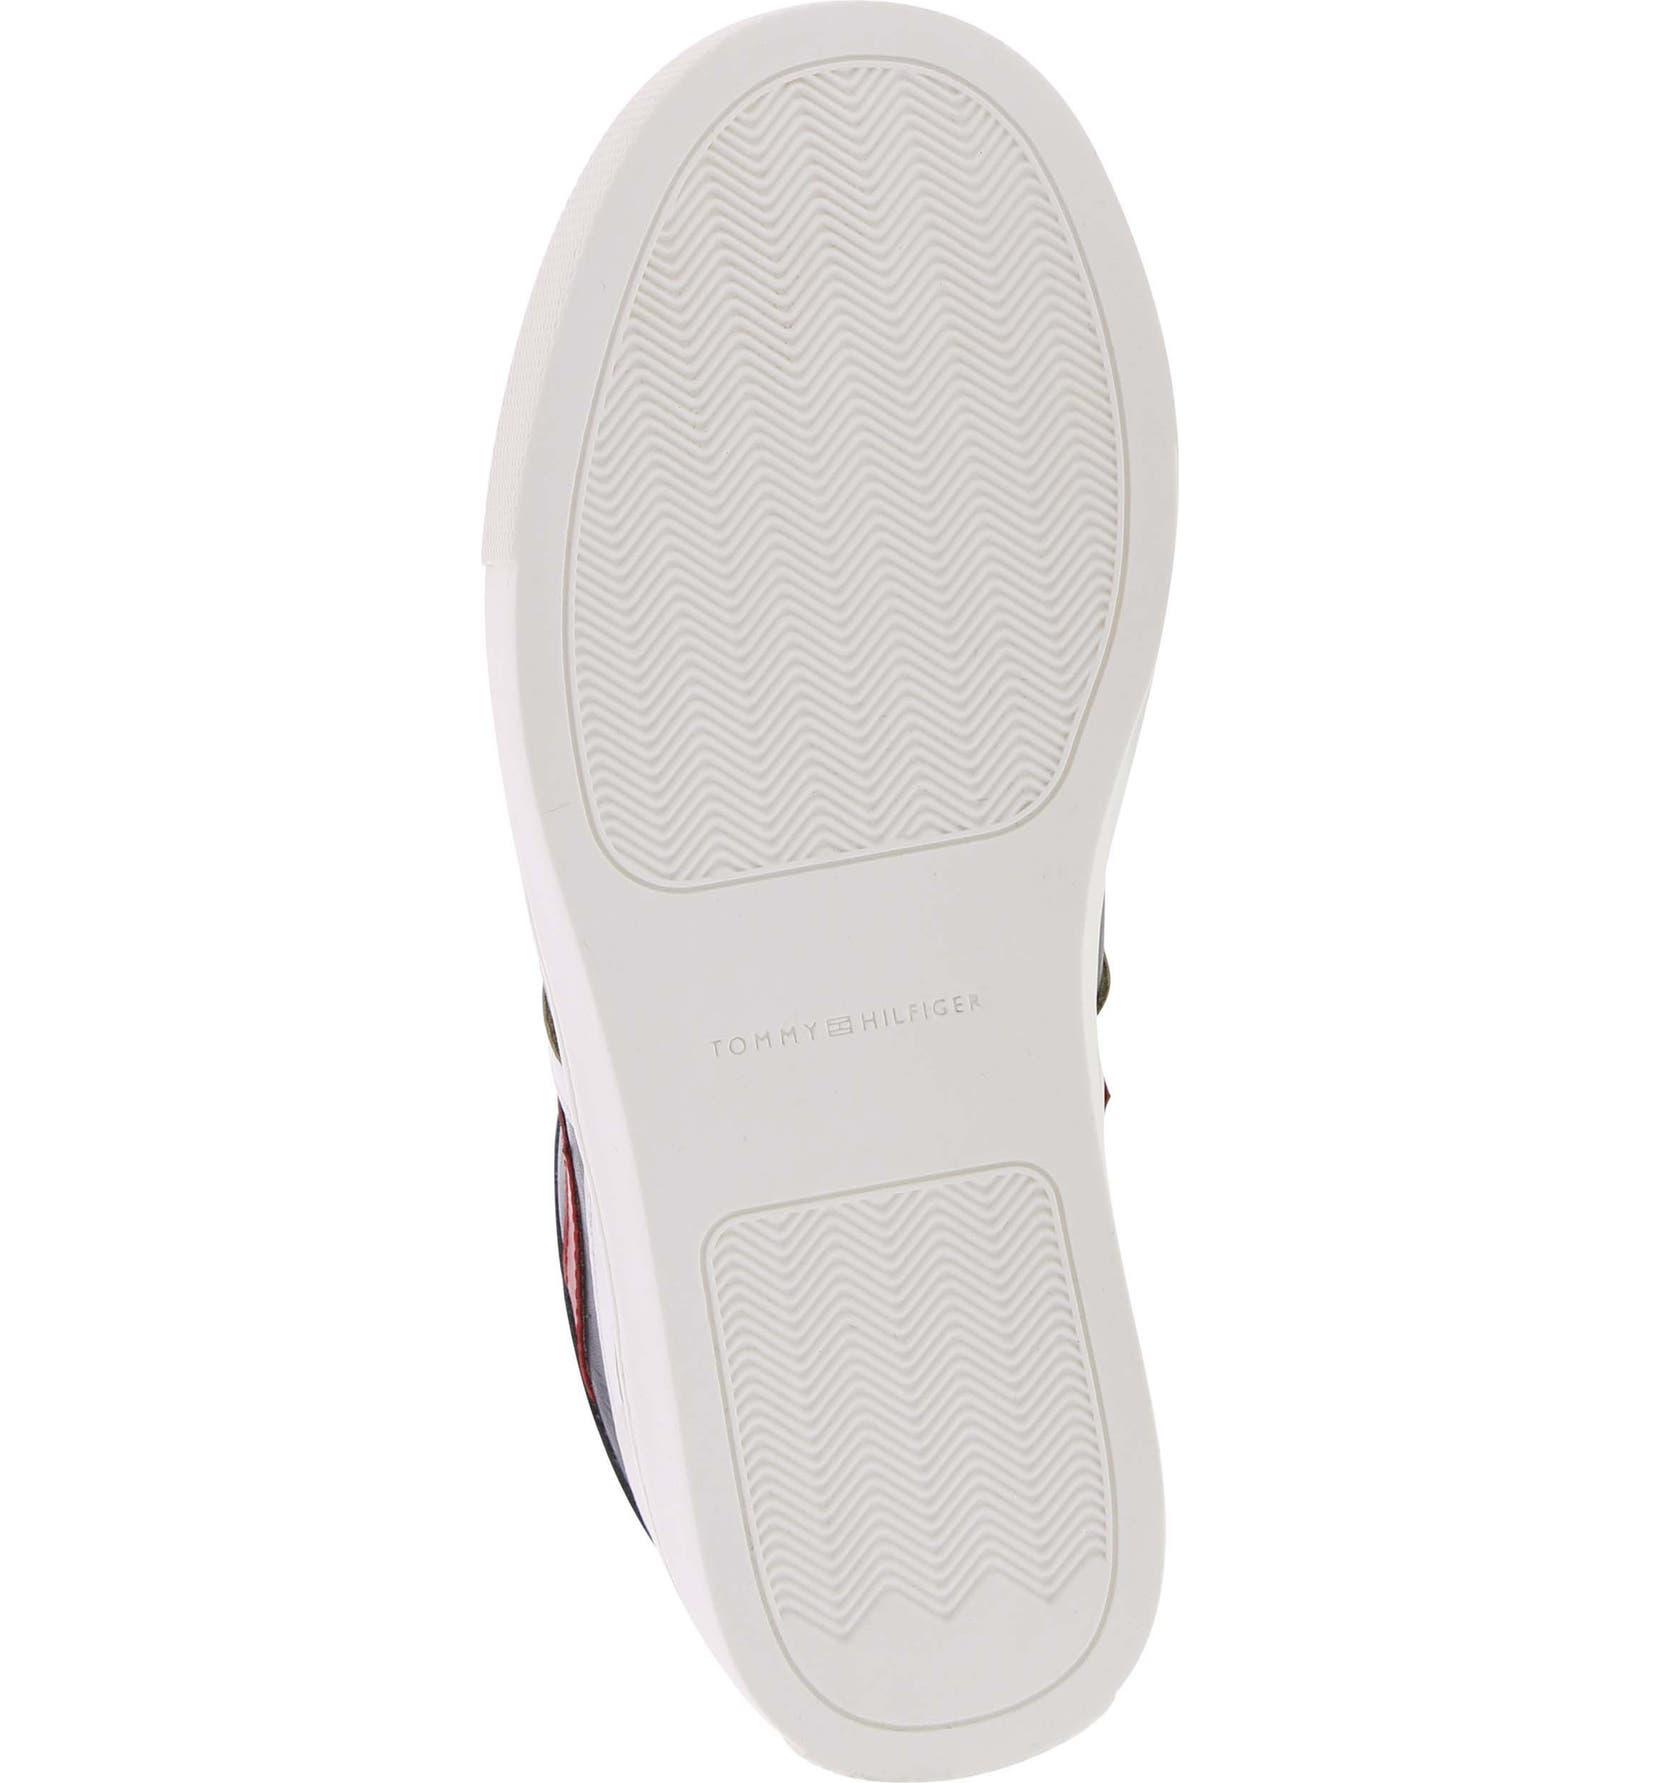 32206c23 Tommy Hilfiger Reece Jacob Sneaker (Toddler, Little Kid & Big Kid) |  Nordstrom